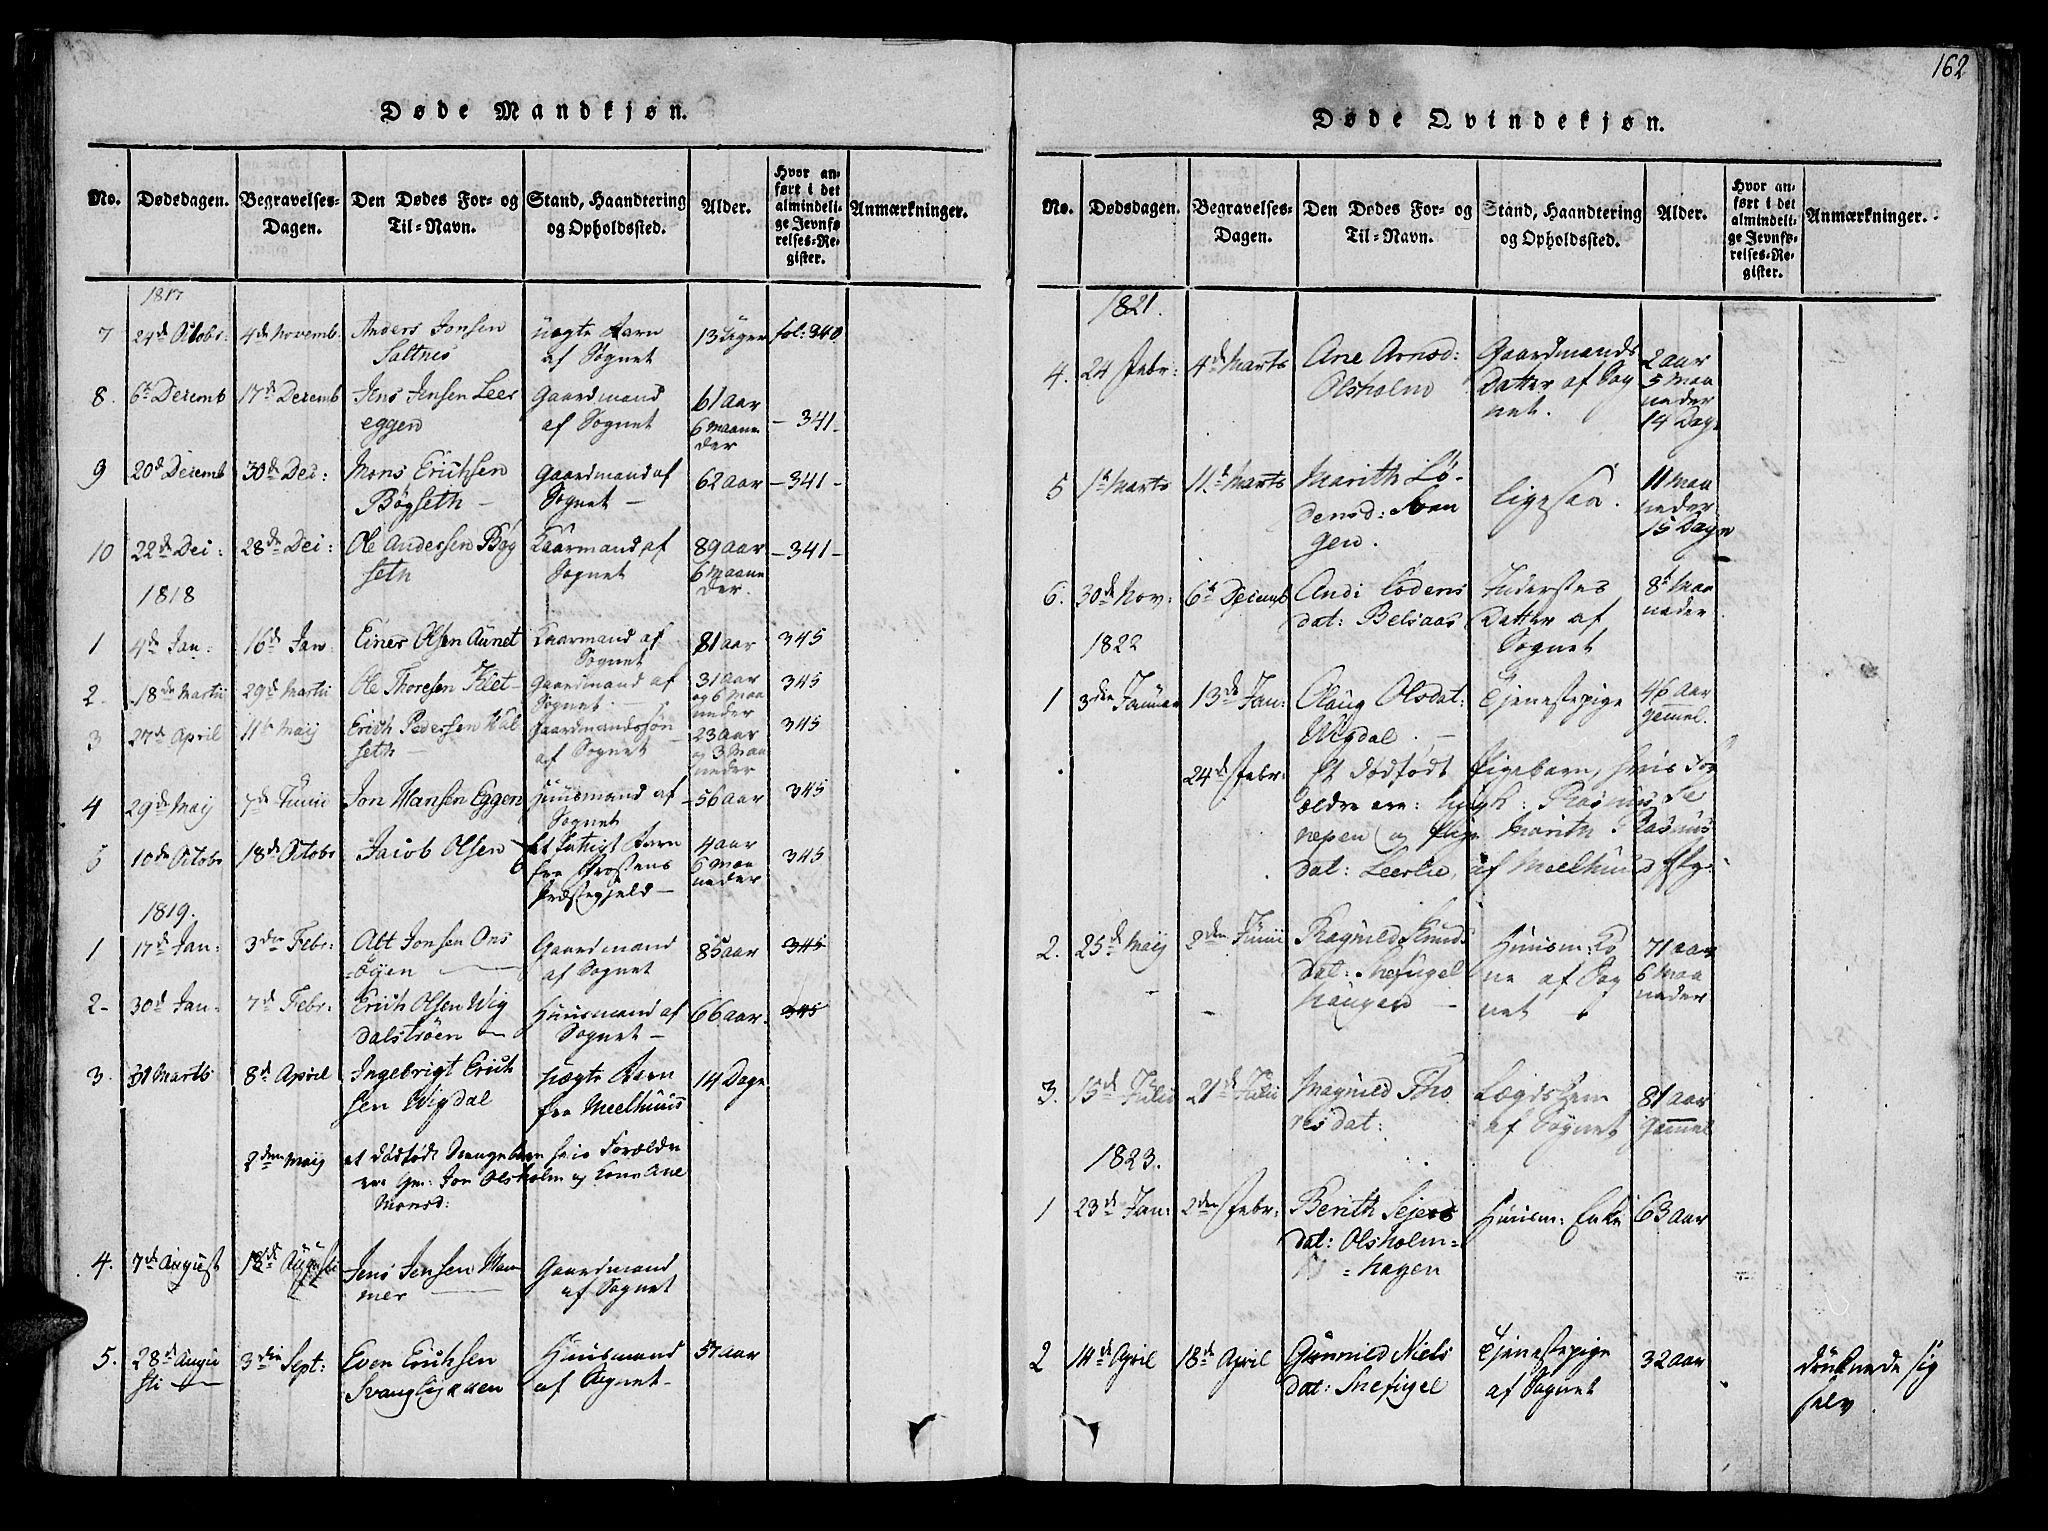 SAT, Ministerialprotokoller, klokkerbøker og fødselsregistre - Sør-Trøndelag, 612/L0373: Ministerialbok nr. 612A06 /2, 1816-1828, s. 162